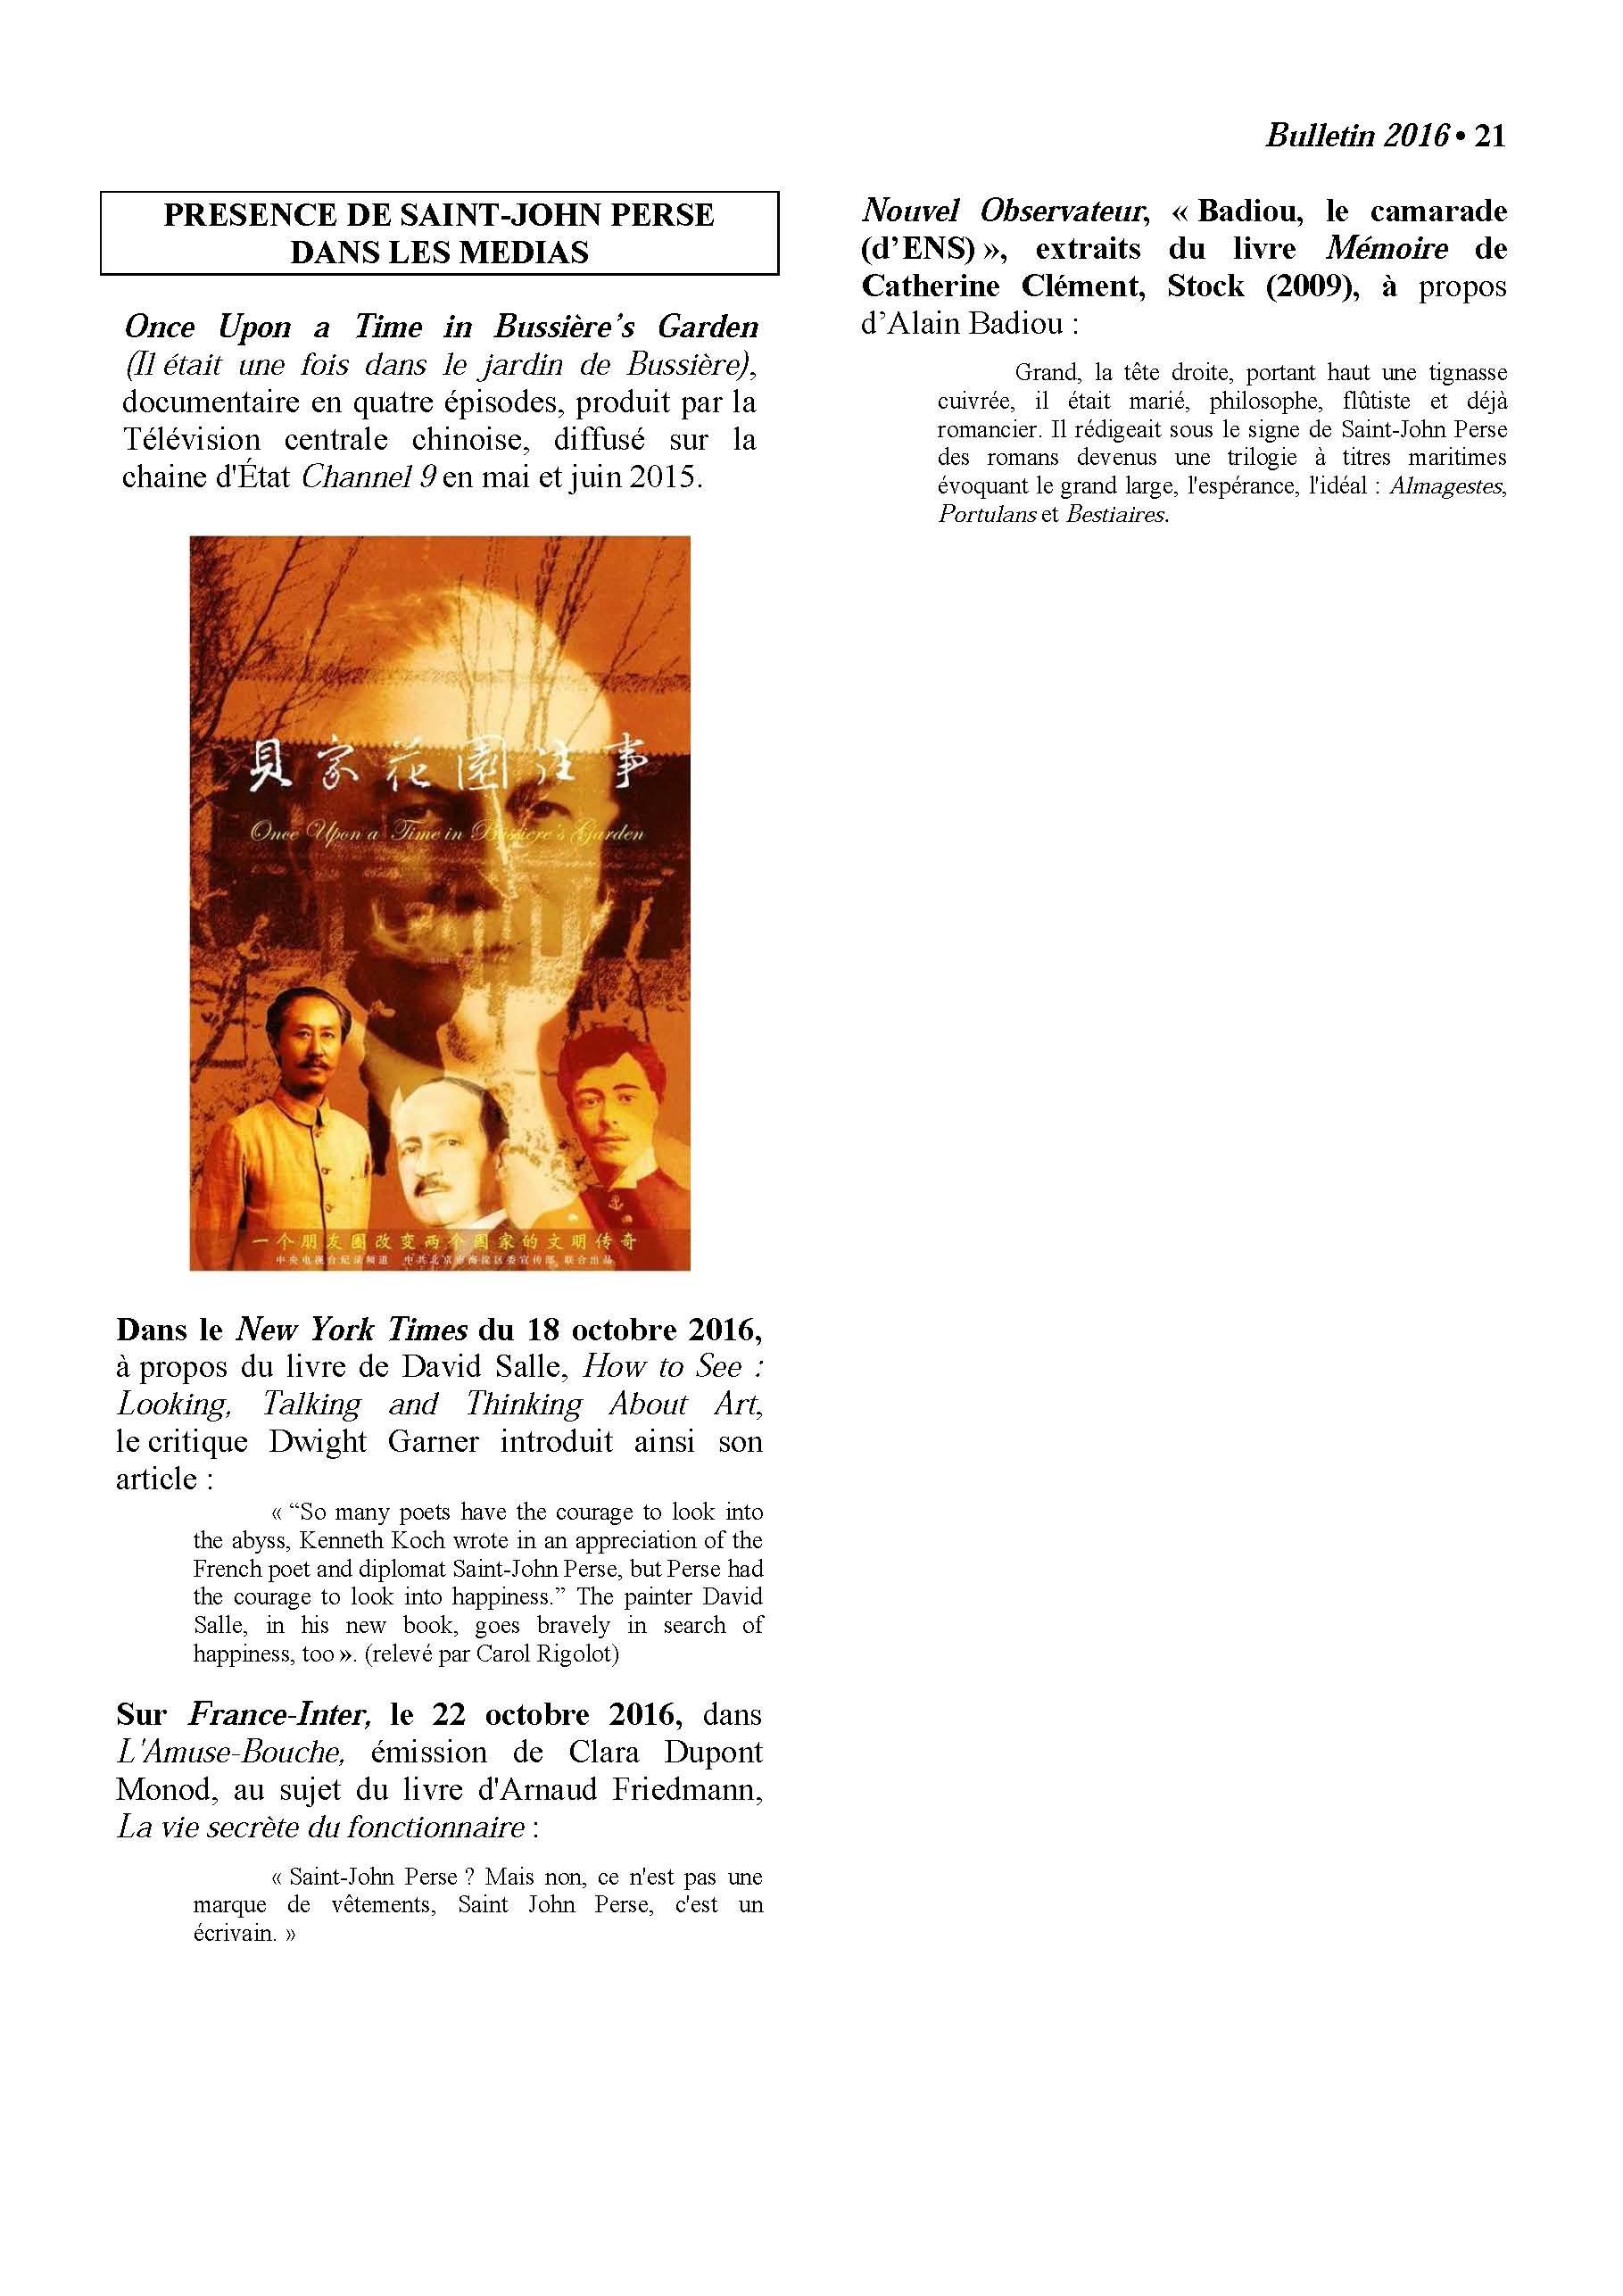 bulletin_2016_aafsjp-21mediasd